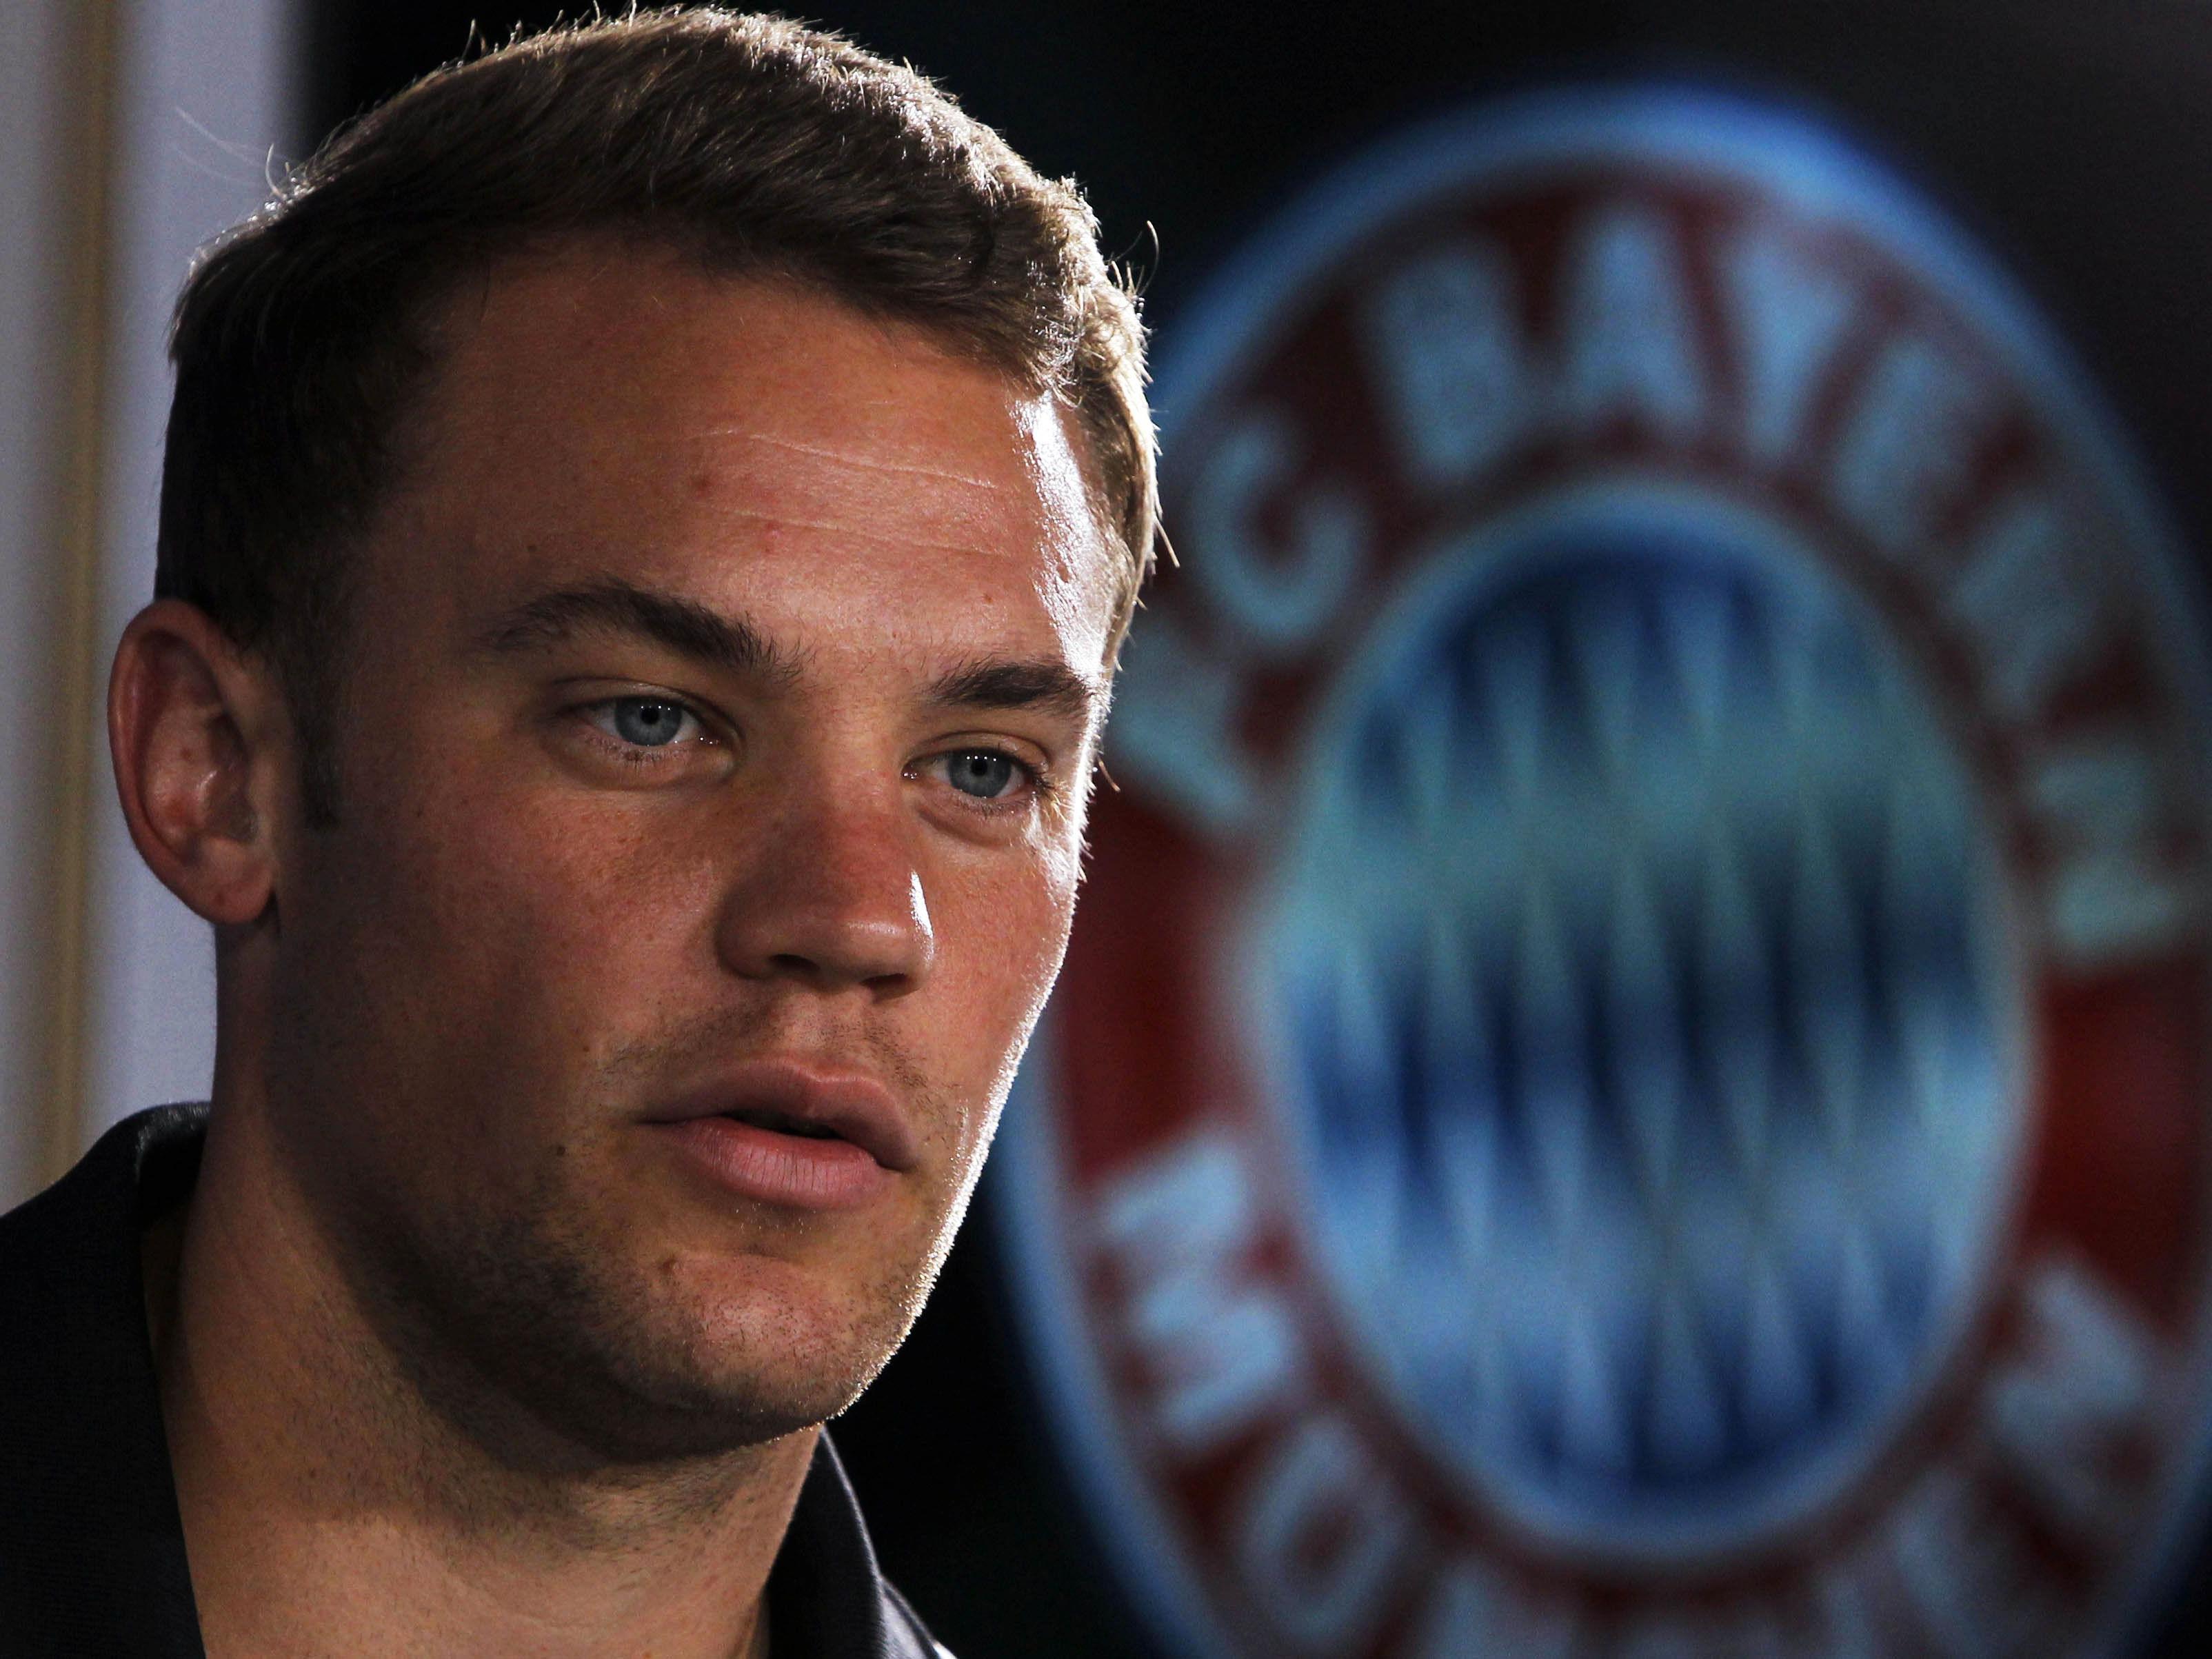 In die Wohnung von Manuel Neuer, Torwart beim FC Bayern, in München, wurde eingebrochen.